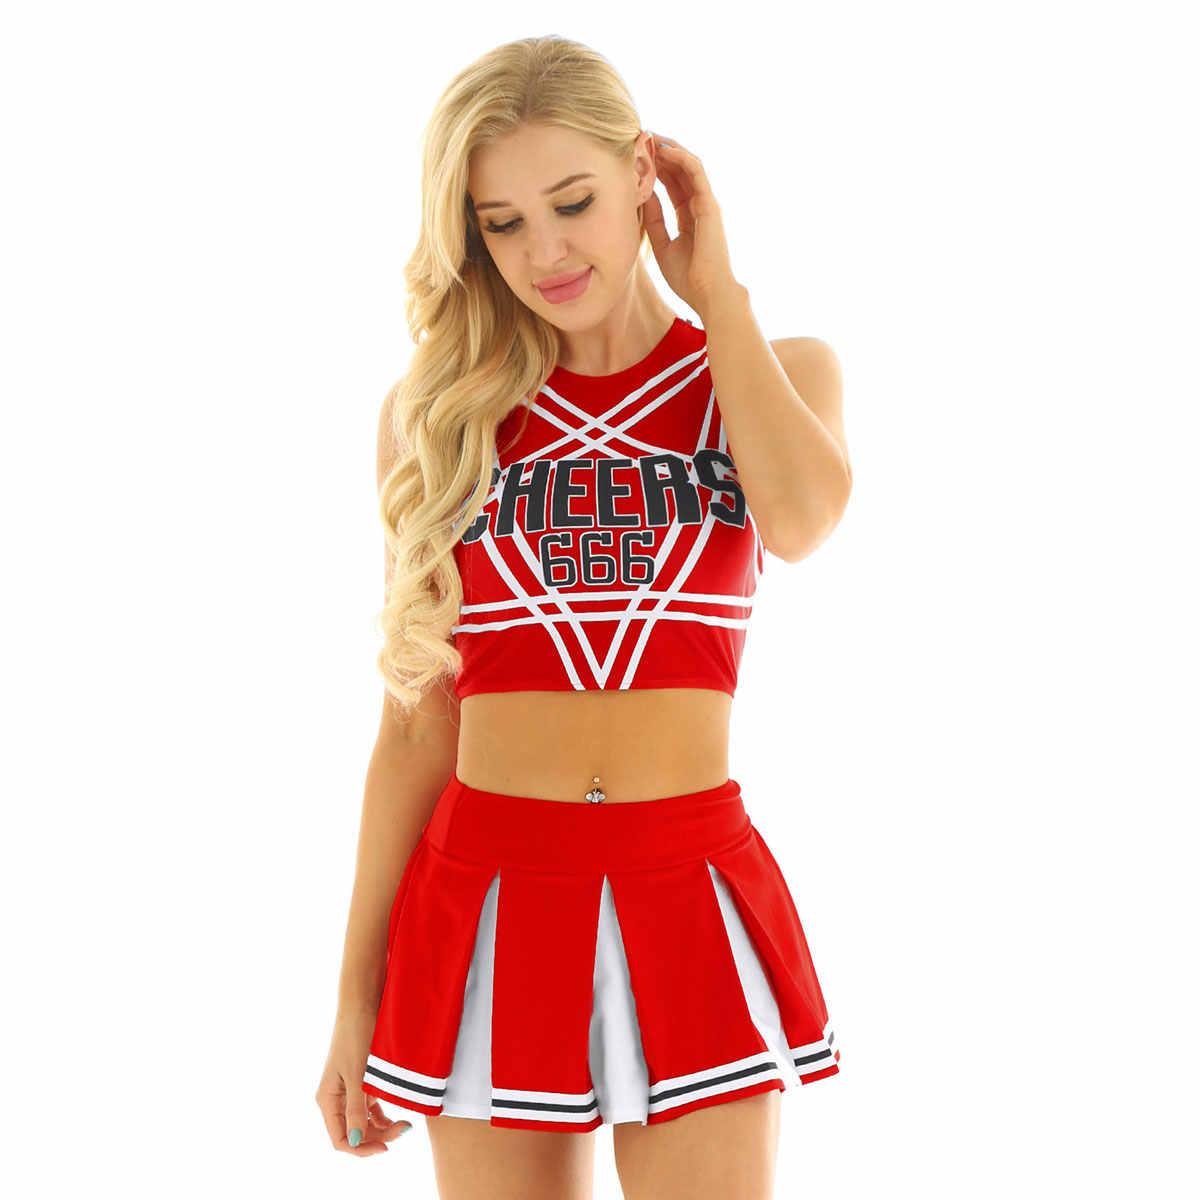 Frauen Charming Cheerleader Cosplay Kostüm Set Sleeveless Pentagramm Back Crop Top mit Mini Plissee Rock Jazz dance kostüme